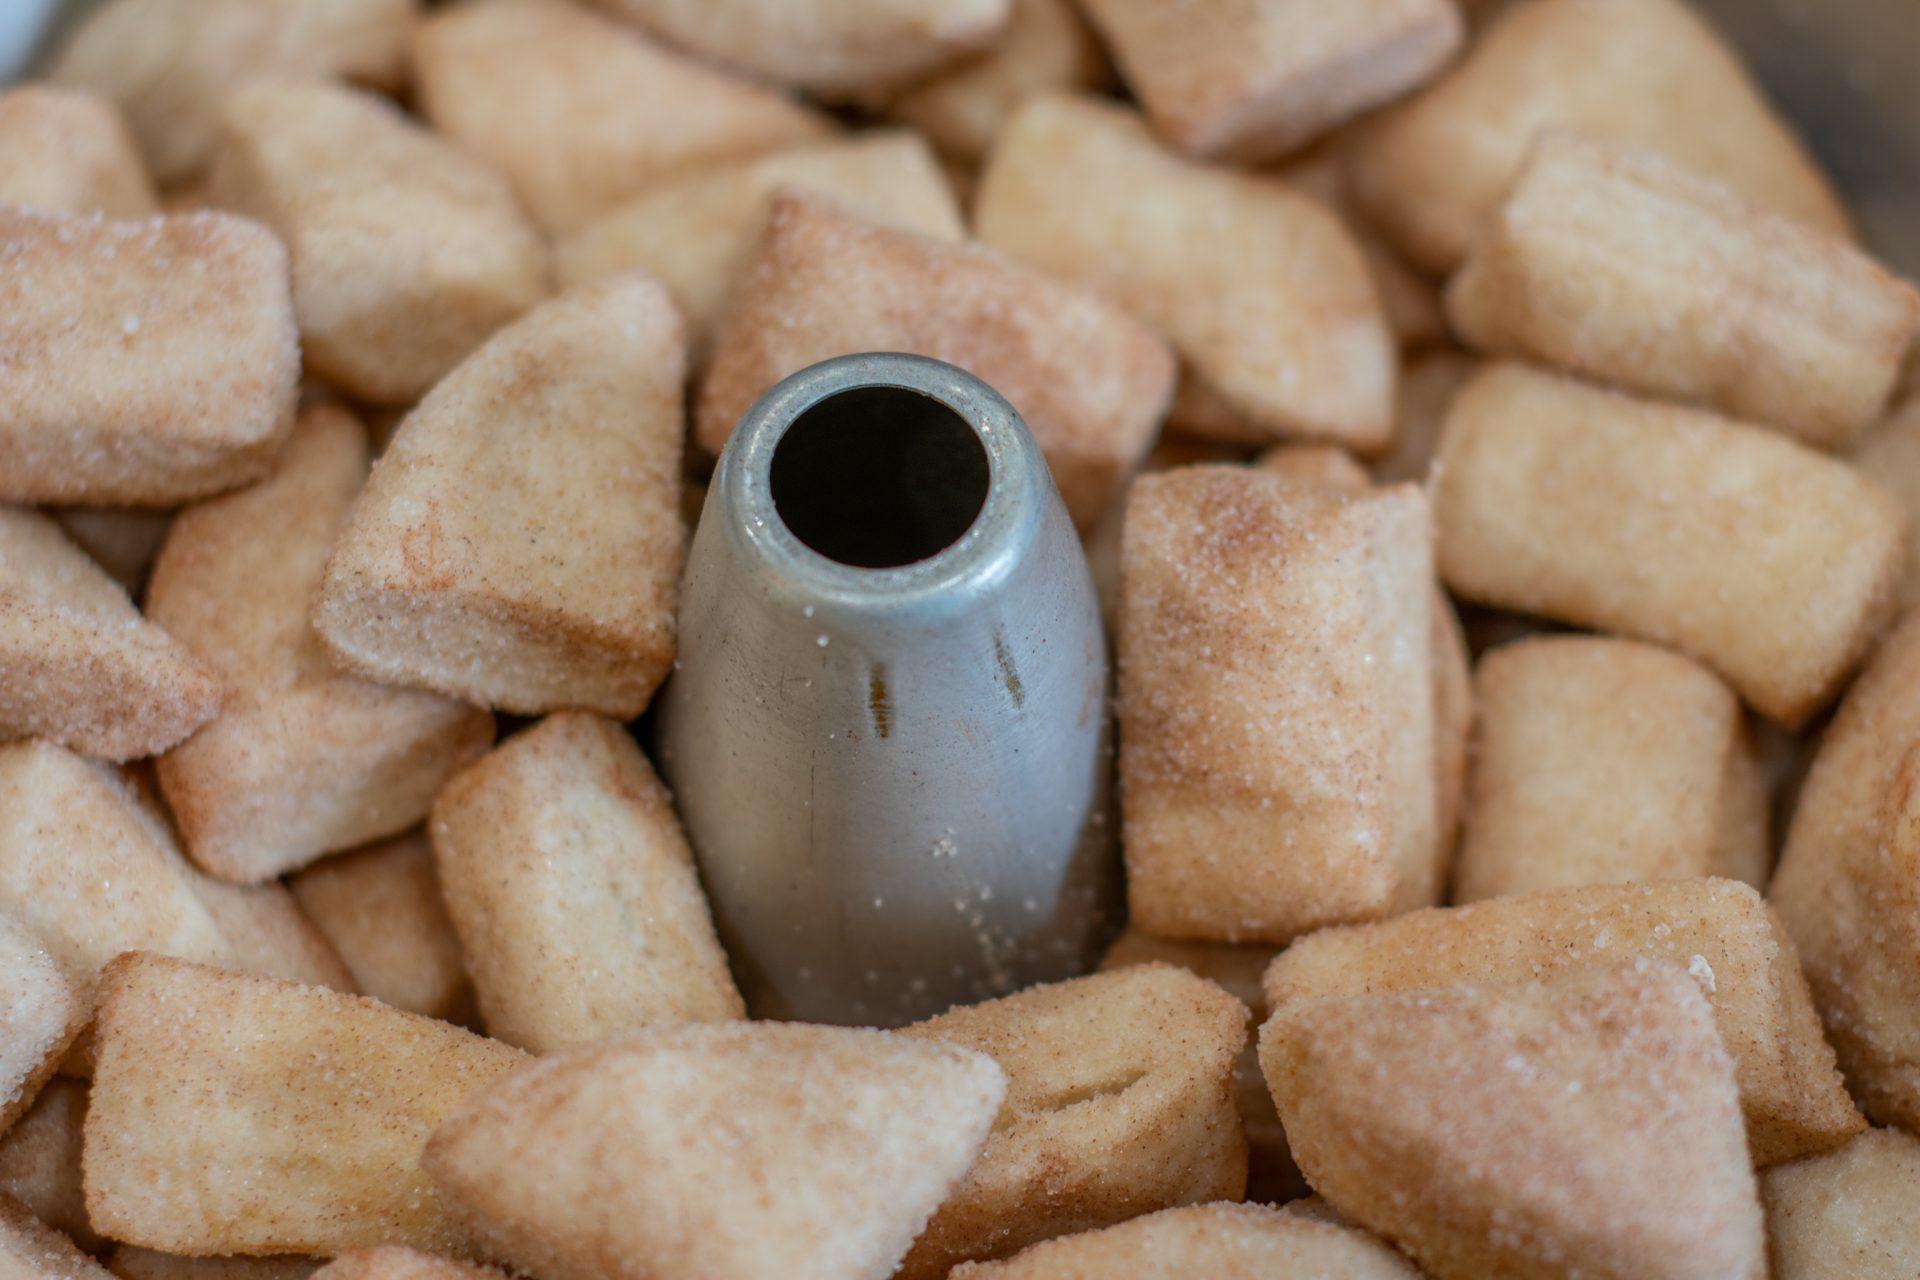 biscuits in bundt pan